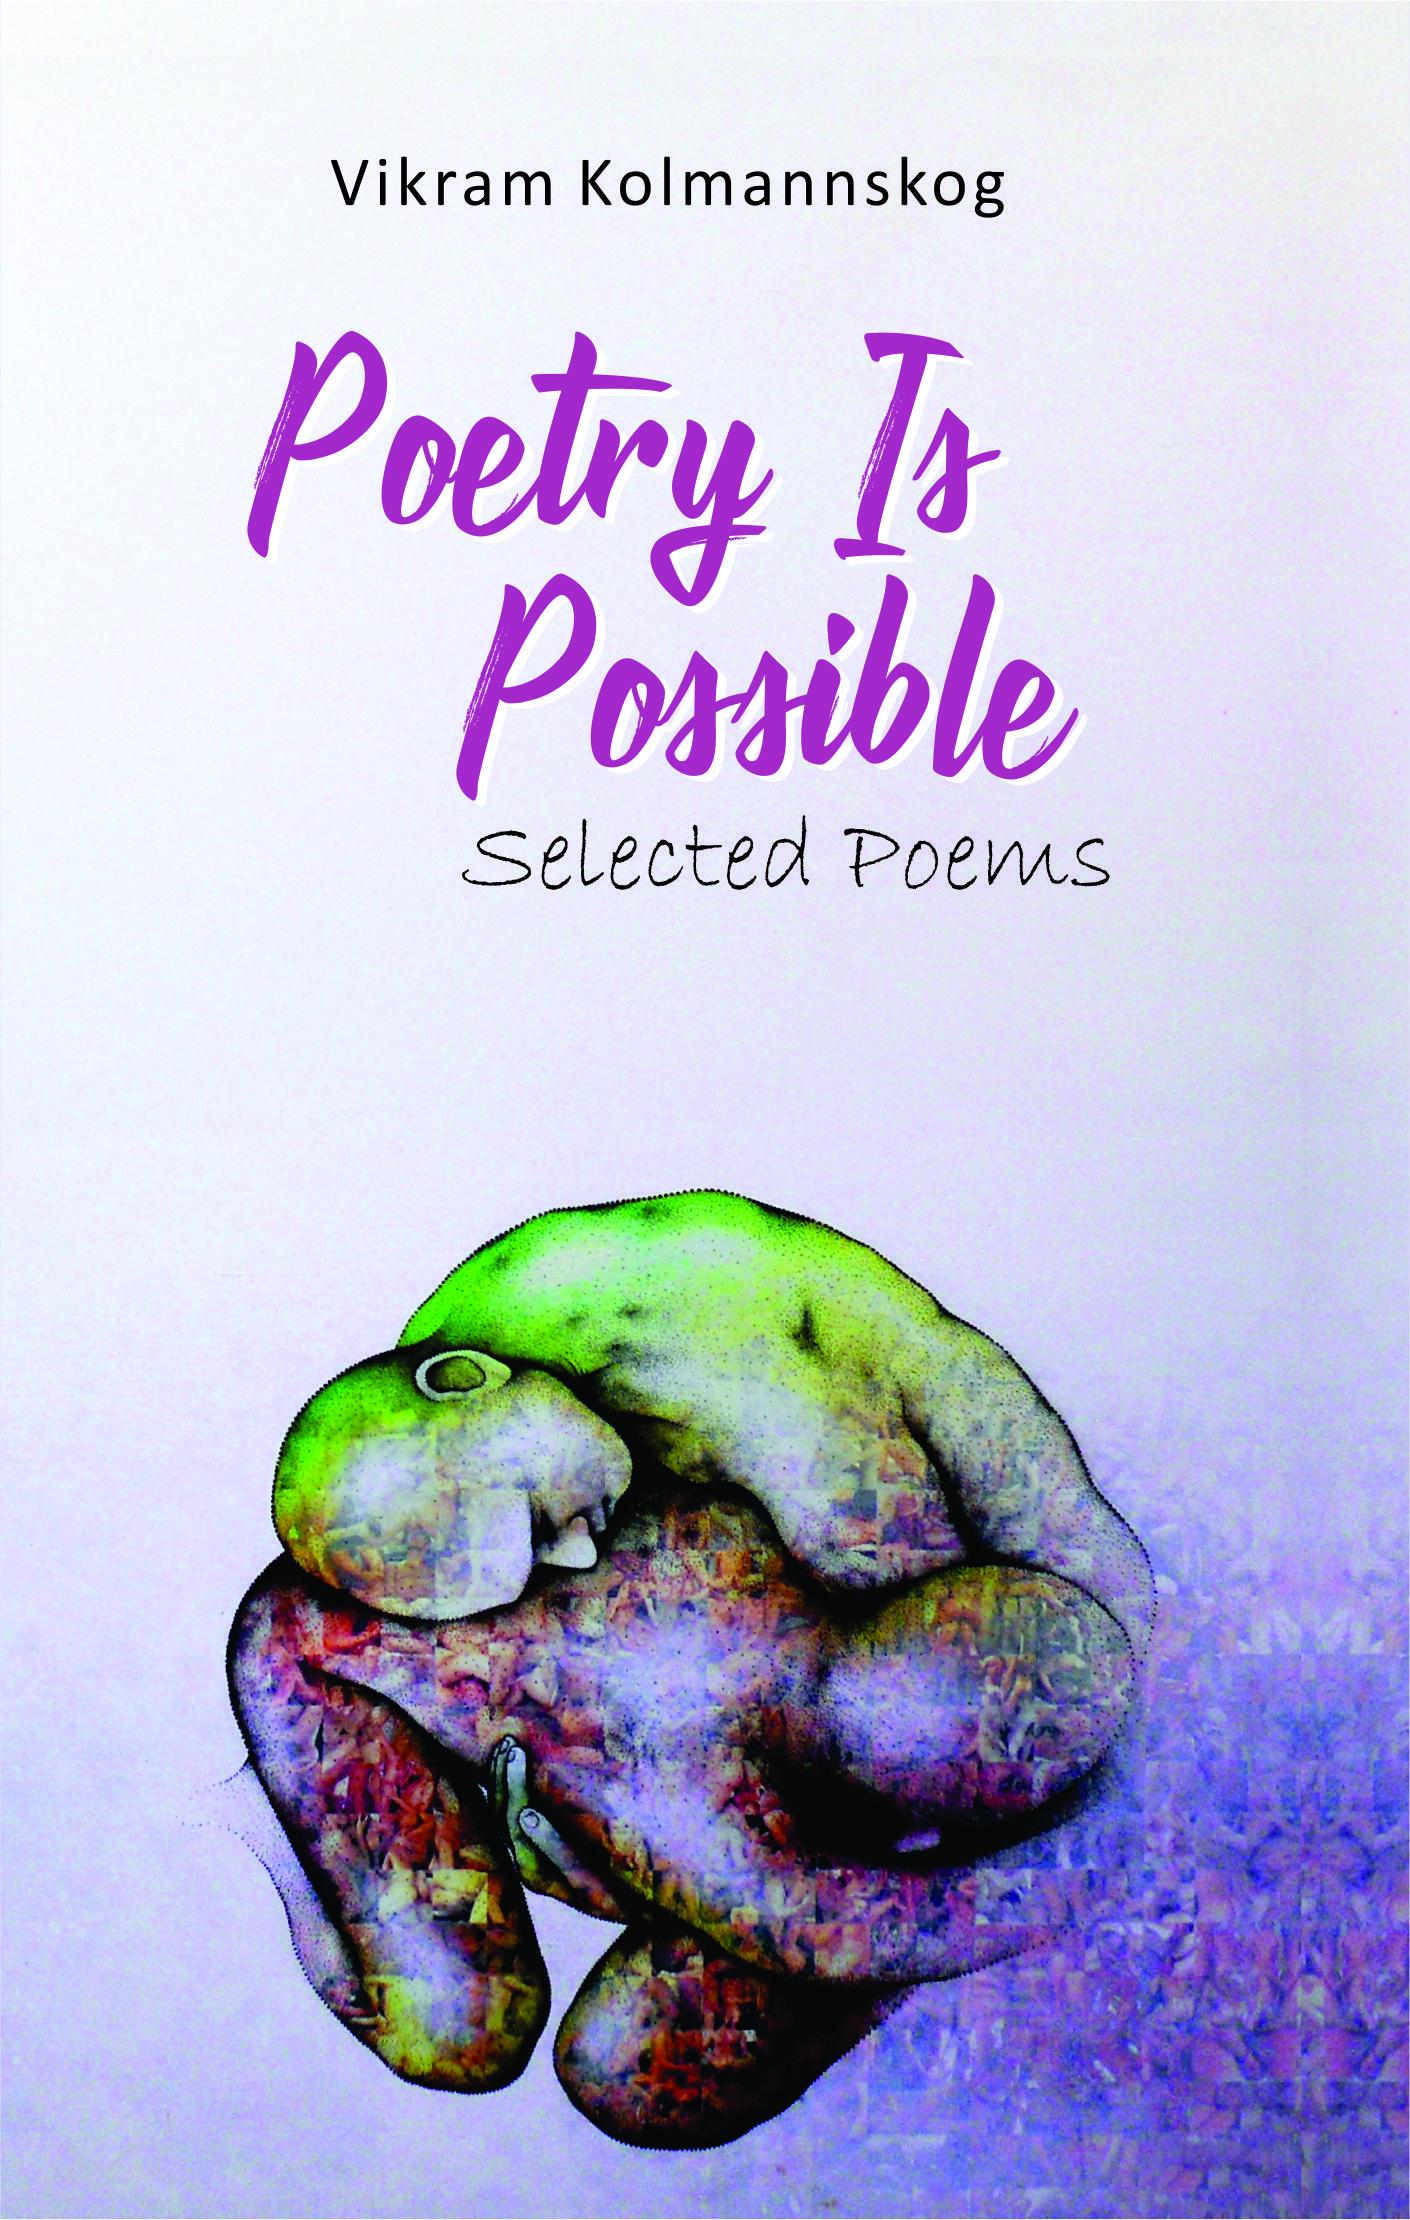 Book Review: Poetry is Possible By Vikram Kolmannskog